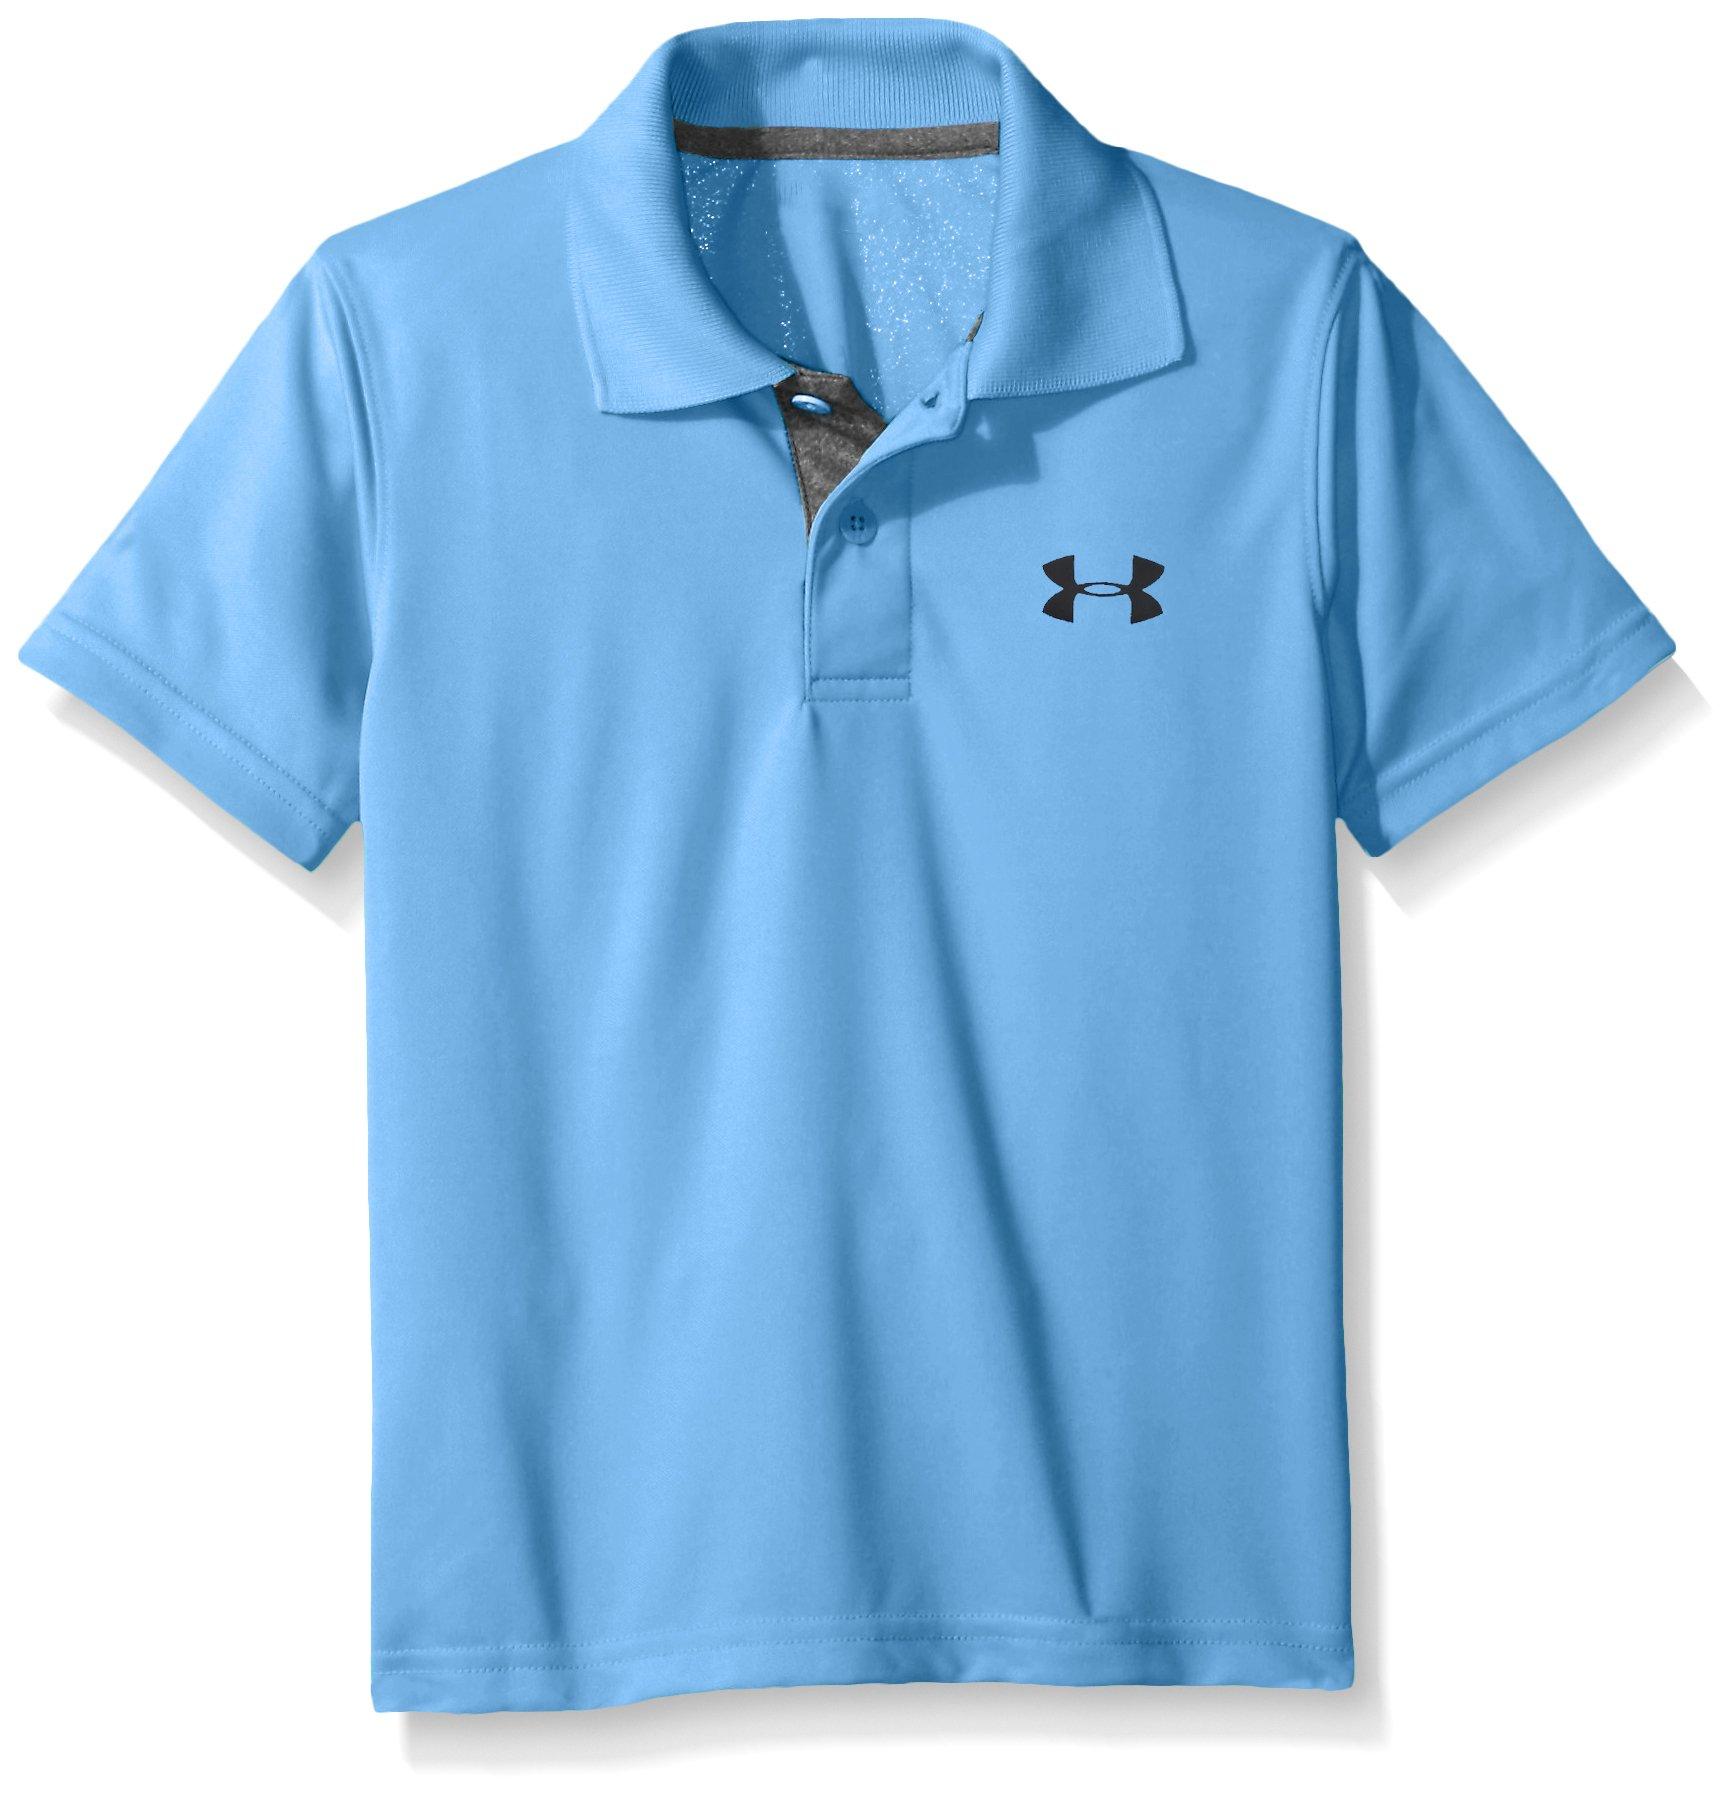 Under Armour Boys' Little Ua Logo Short Sleeve Polo, Water, 6